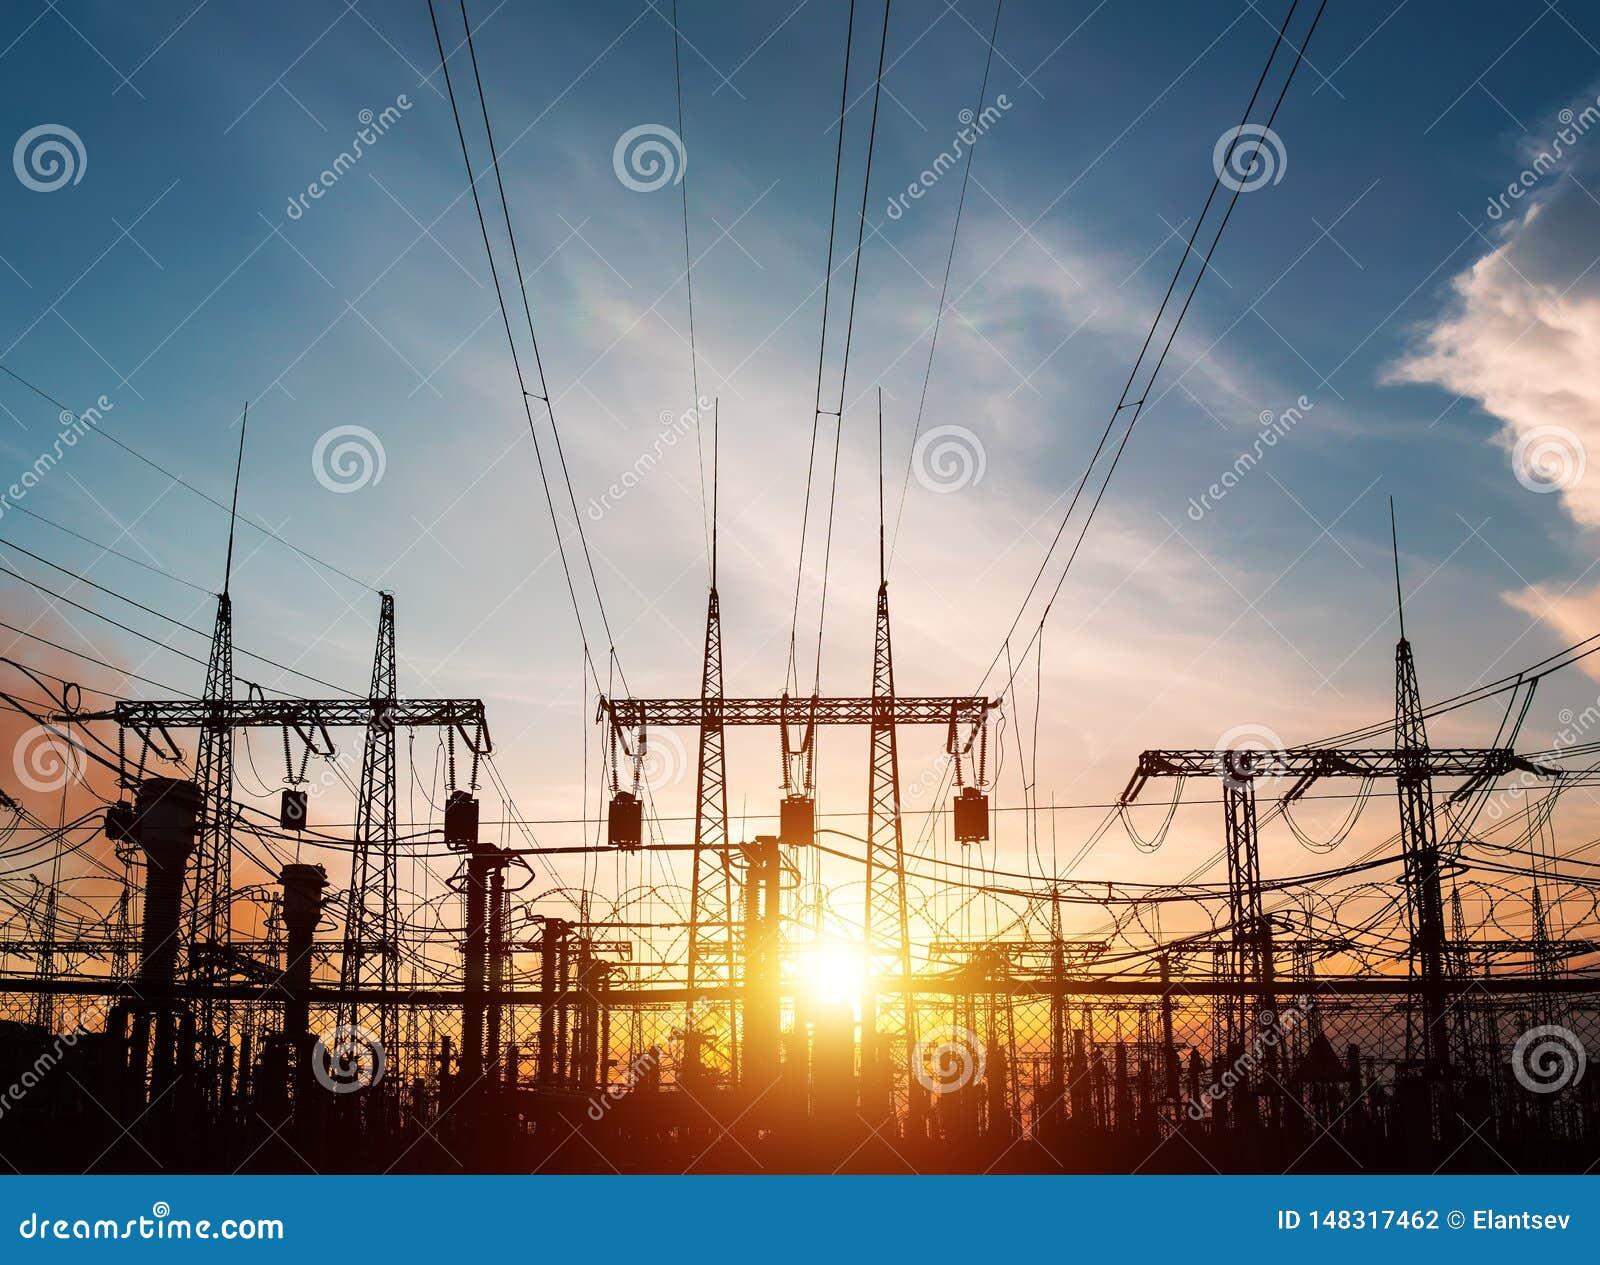 Υψηλής τάσεως ηλεκτροφόρα καλώδια Σταθμός διανομής ηλεκτρικής ενέργειας ηλεκτρικός πύργος μετάδοσης υψηλής τάσης Ηλεκτρικό substa